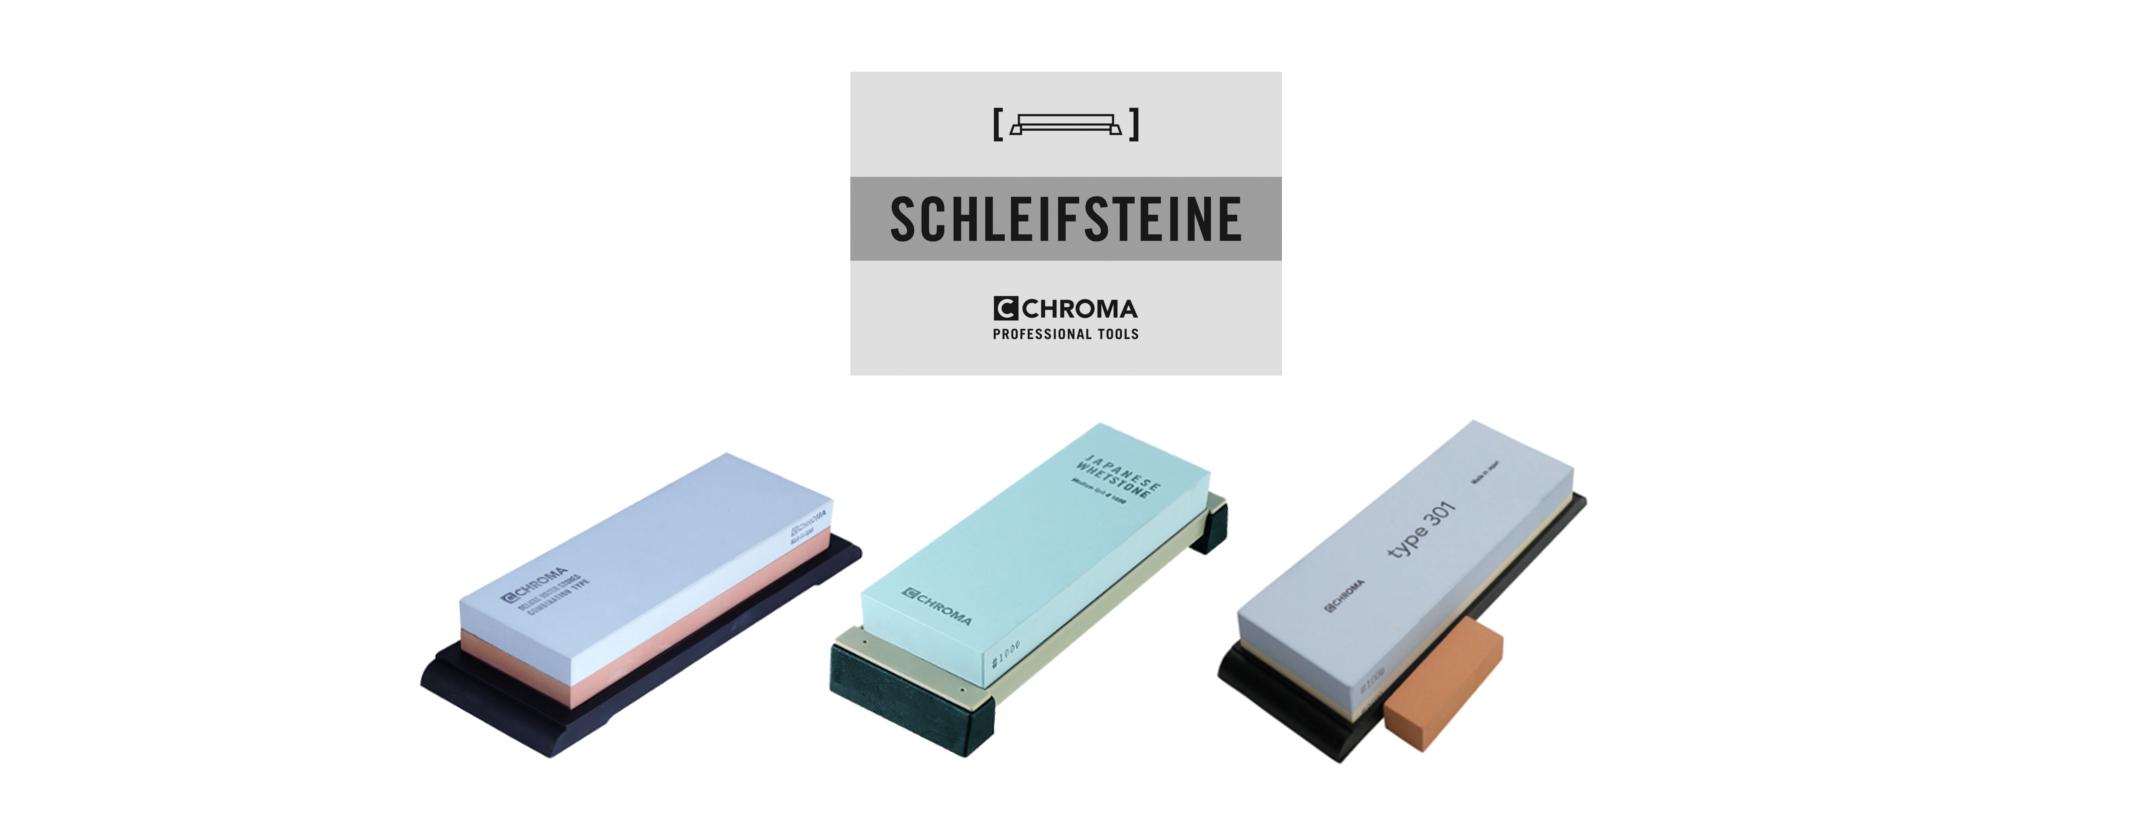 CHROMA-Schleifsteine-Schleifzubehoer